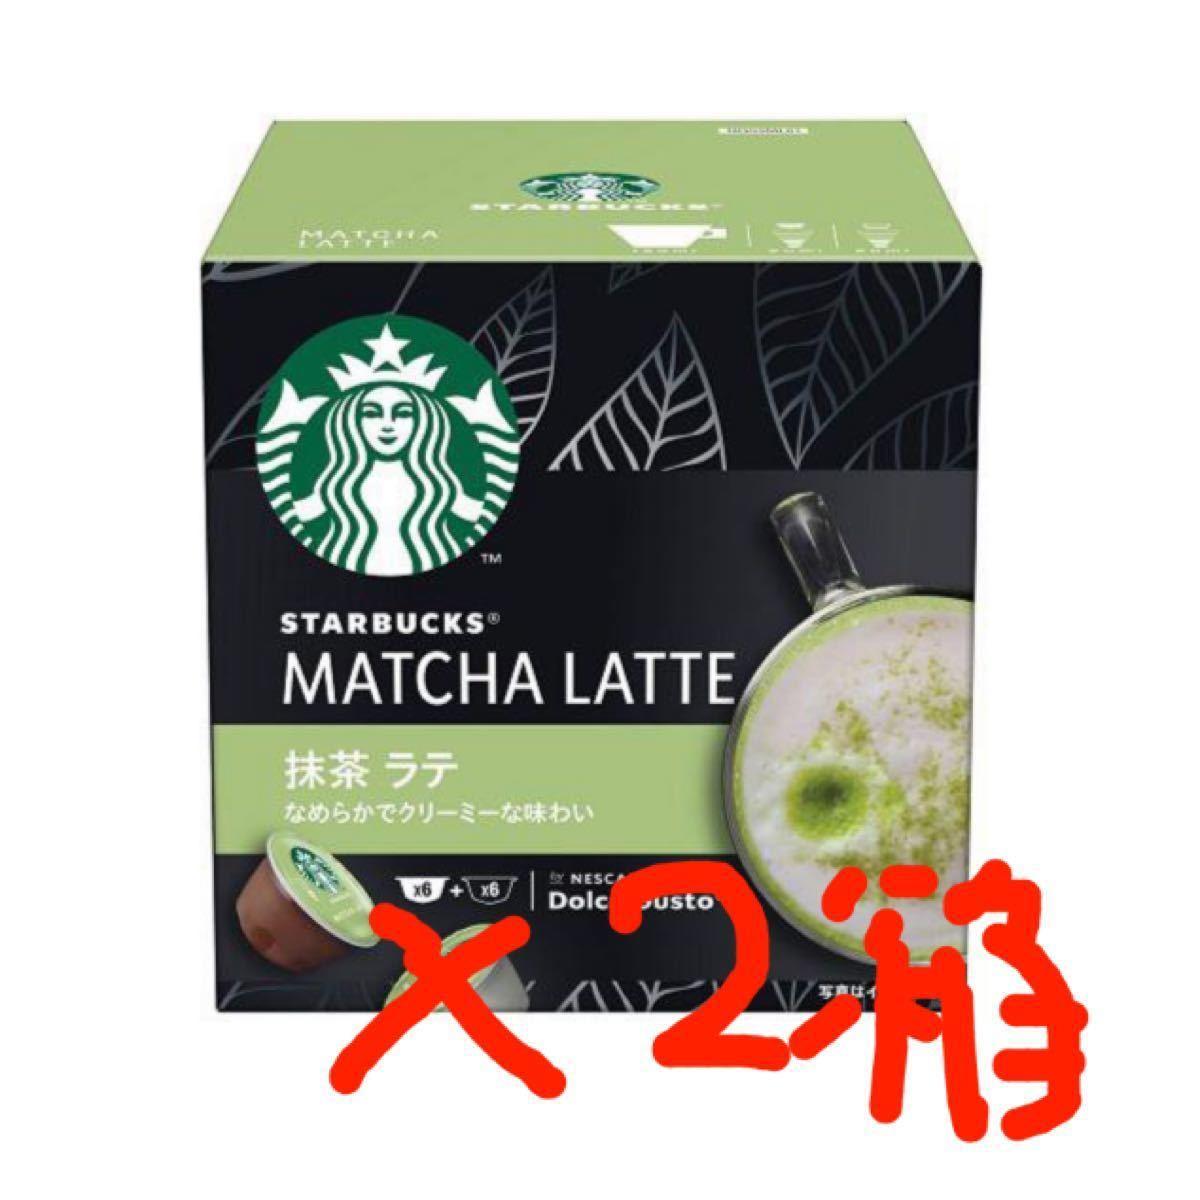 ドルチェグスト  カプセル スターバックス抹茶ラテ2箱